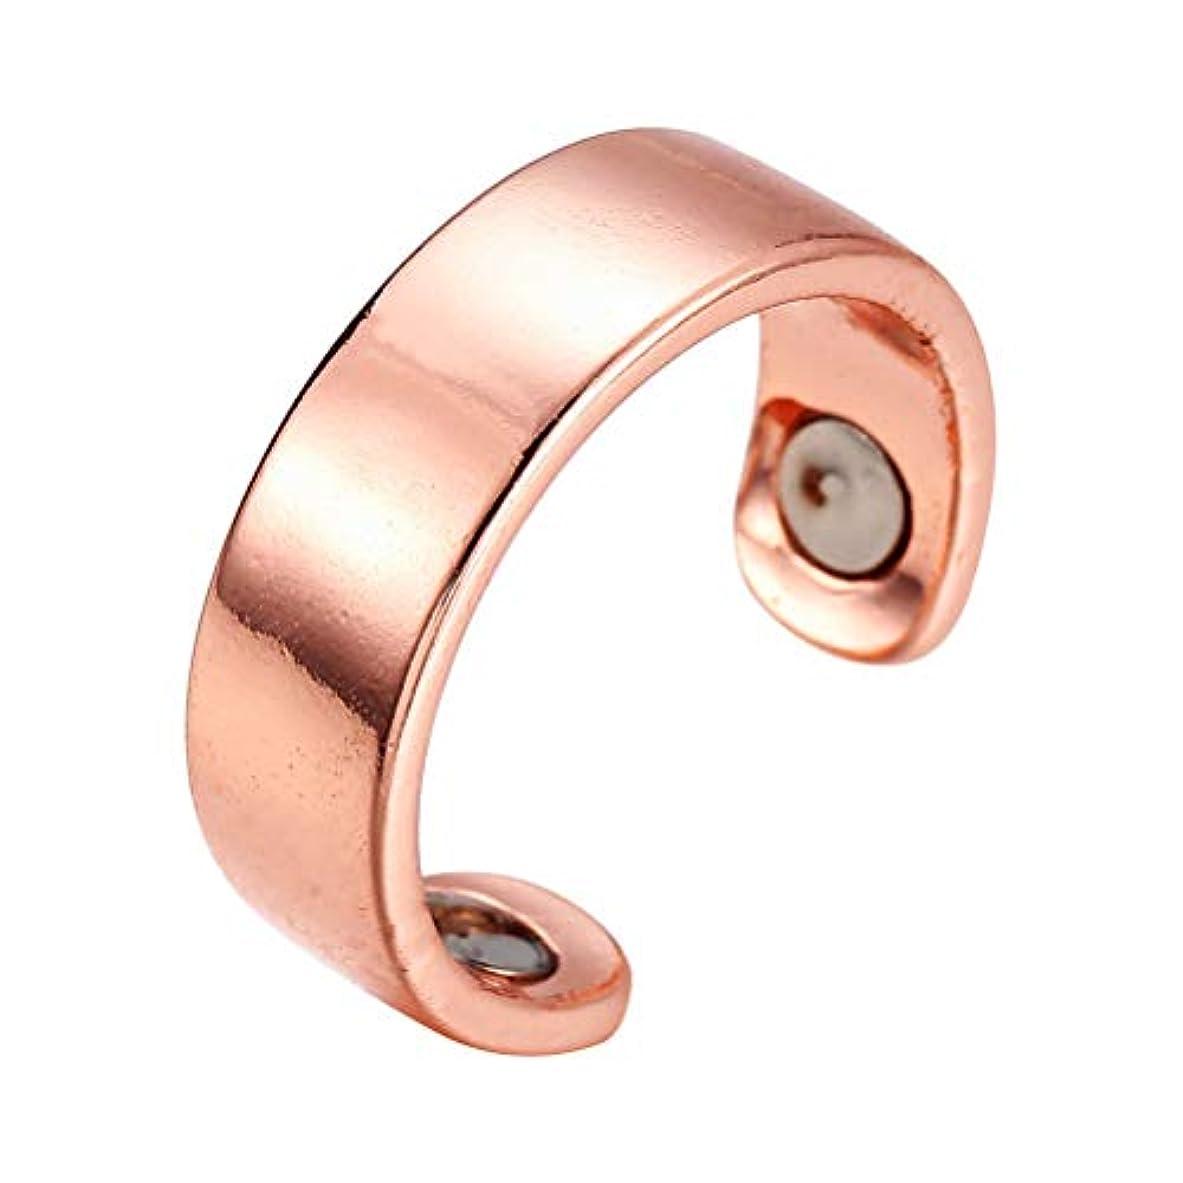 バーターバッチ長方形SUPVOX リング 指輪 磁気リング 調節可能 オープンリング 睡眠呼吸指圧治療停止いびきデバイスヘルスケア磁気療法(ローズゴールデン)